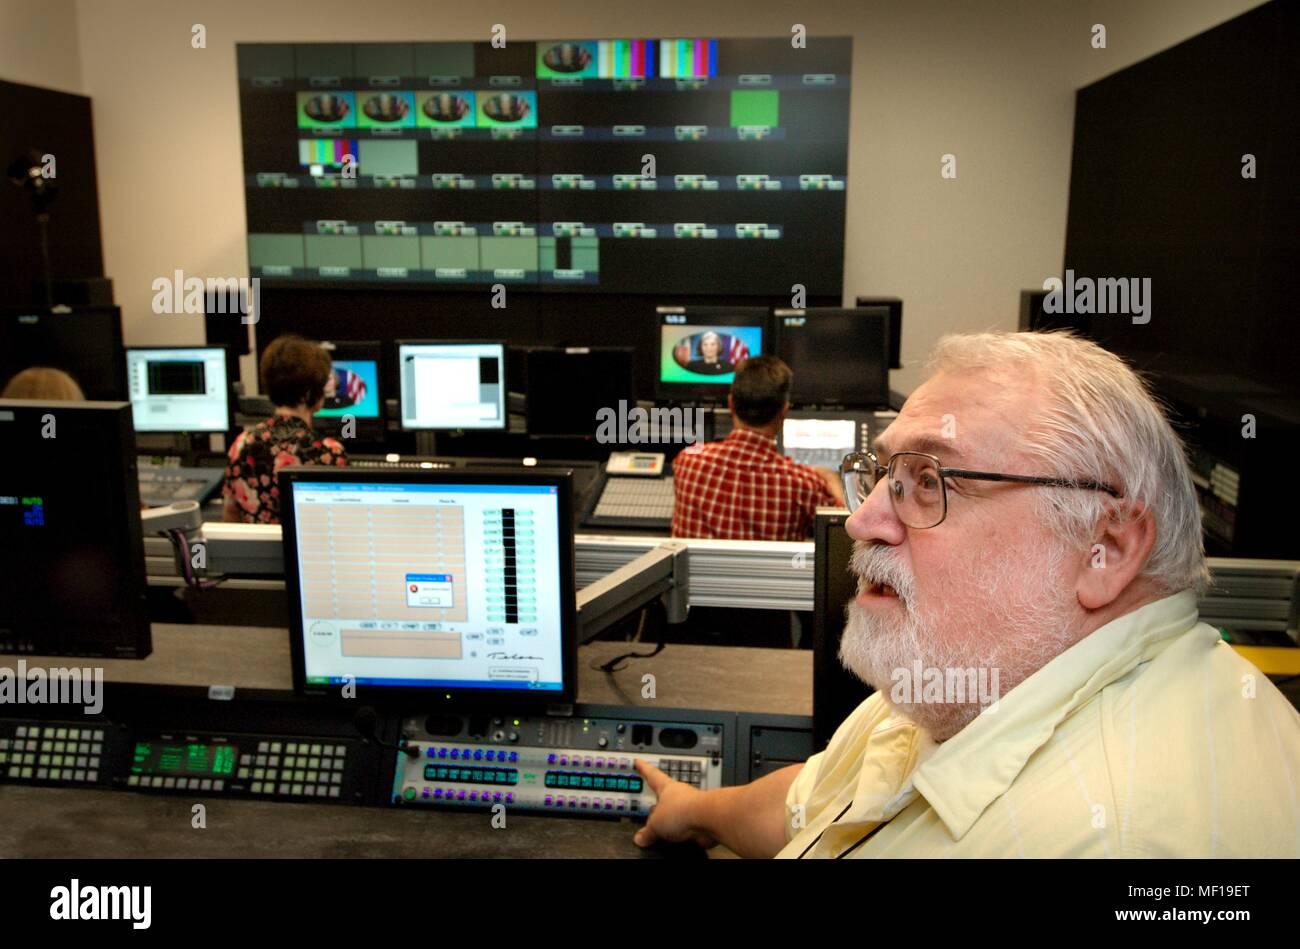 tv transmission stock photos tv transmission stock images alamy. Black Bedroom Furniture Sets. Home Design Ideas